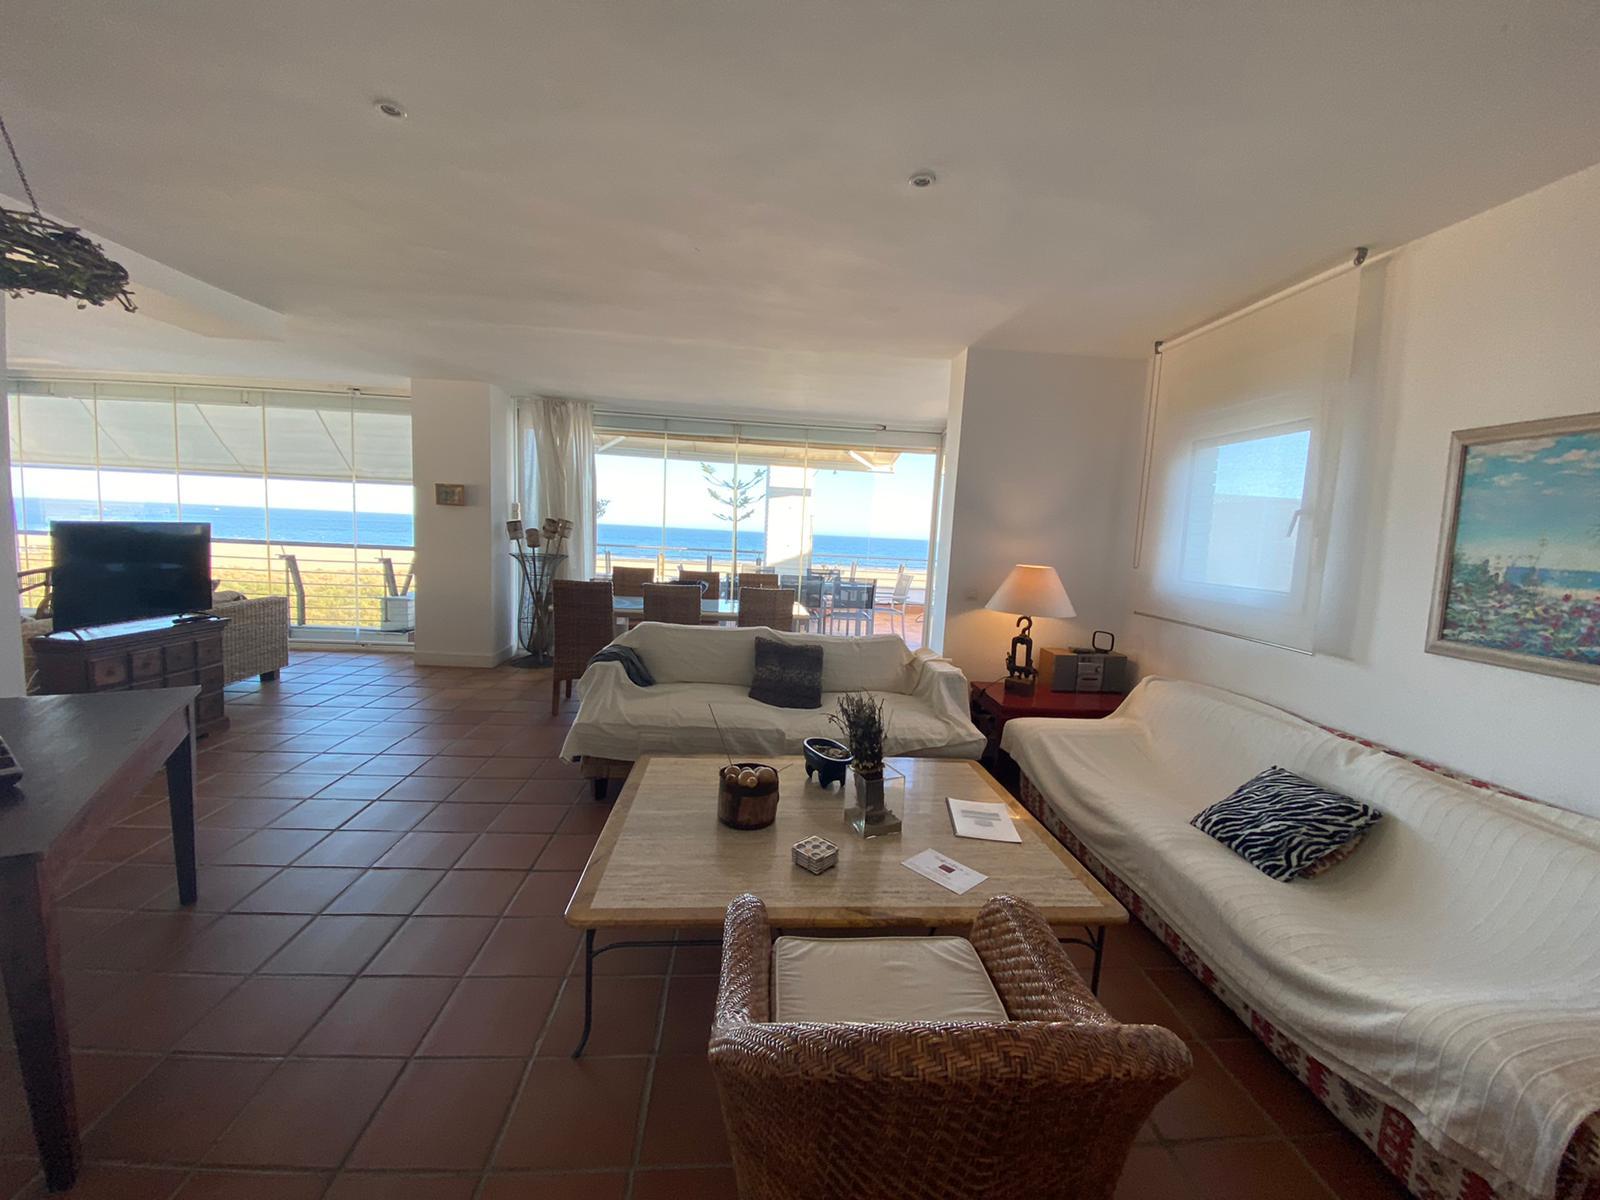 Imagen 36 del Apartamento Turístico, Ático 4 Levante, Frontal (4d+2b), Punta del Moral (HUELVA), Paseo de la Cruz nº22